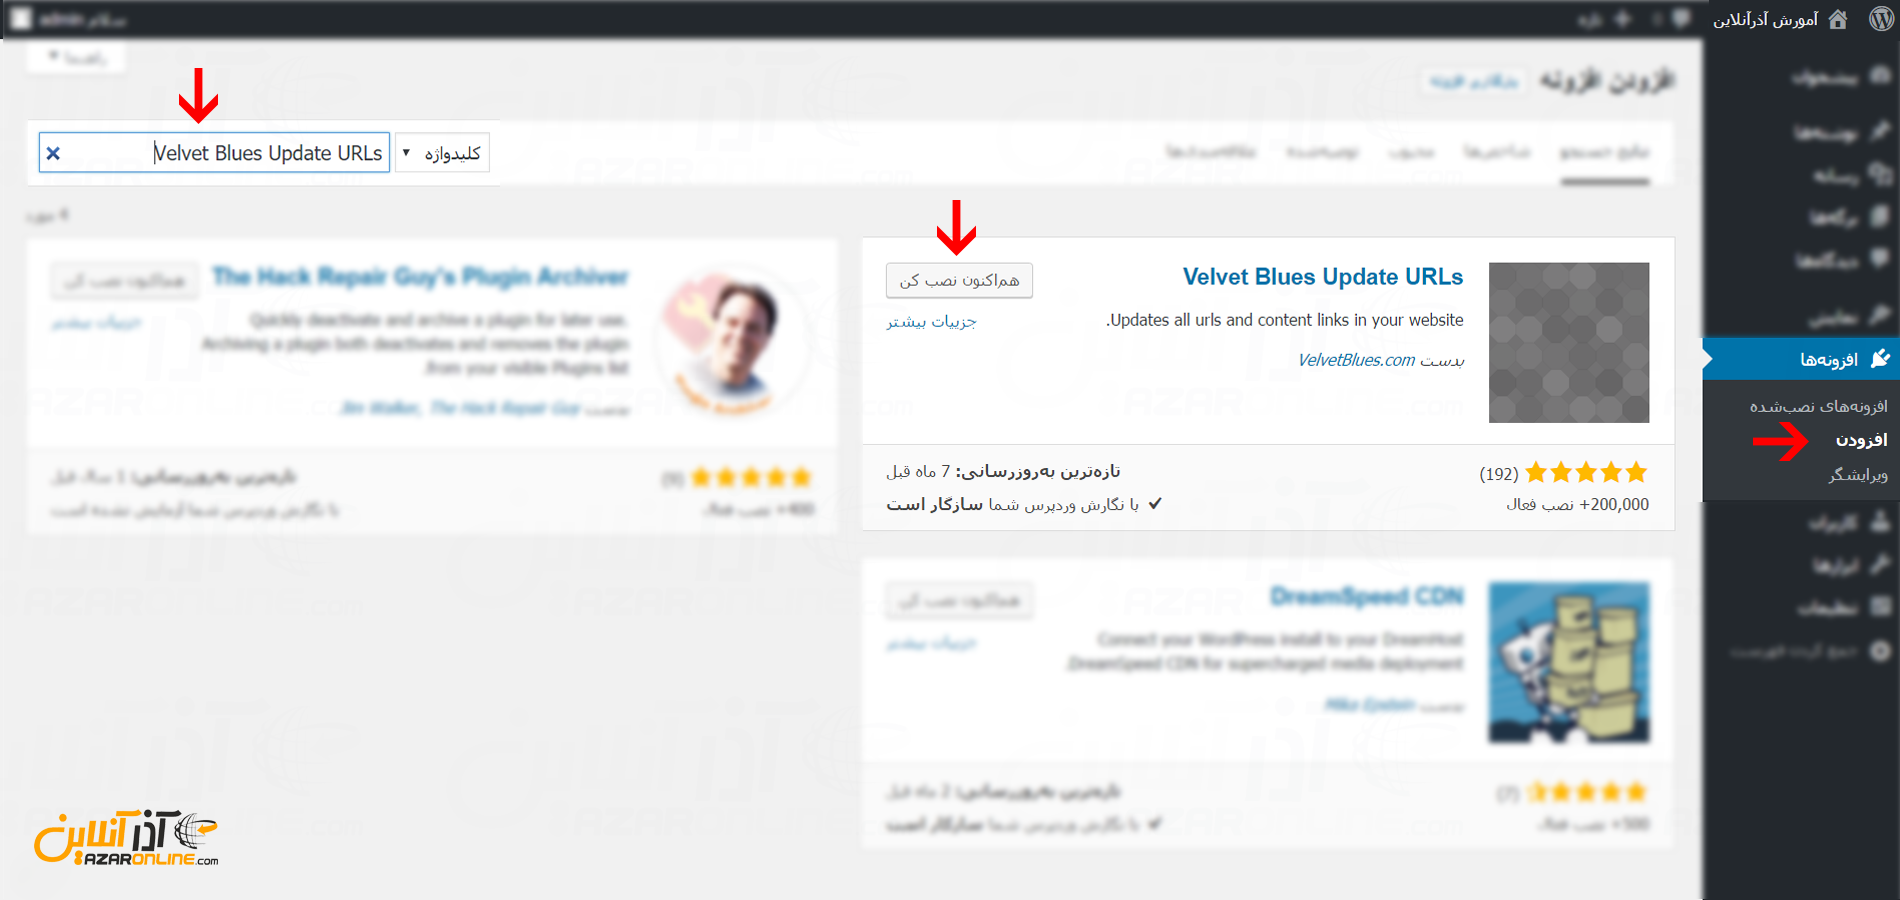 آموزش تغییر URL در وردپرس - دانلود افزونه Velvet blues update url